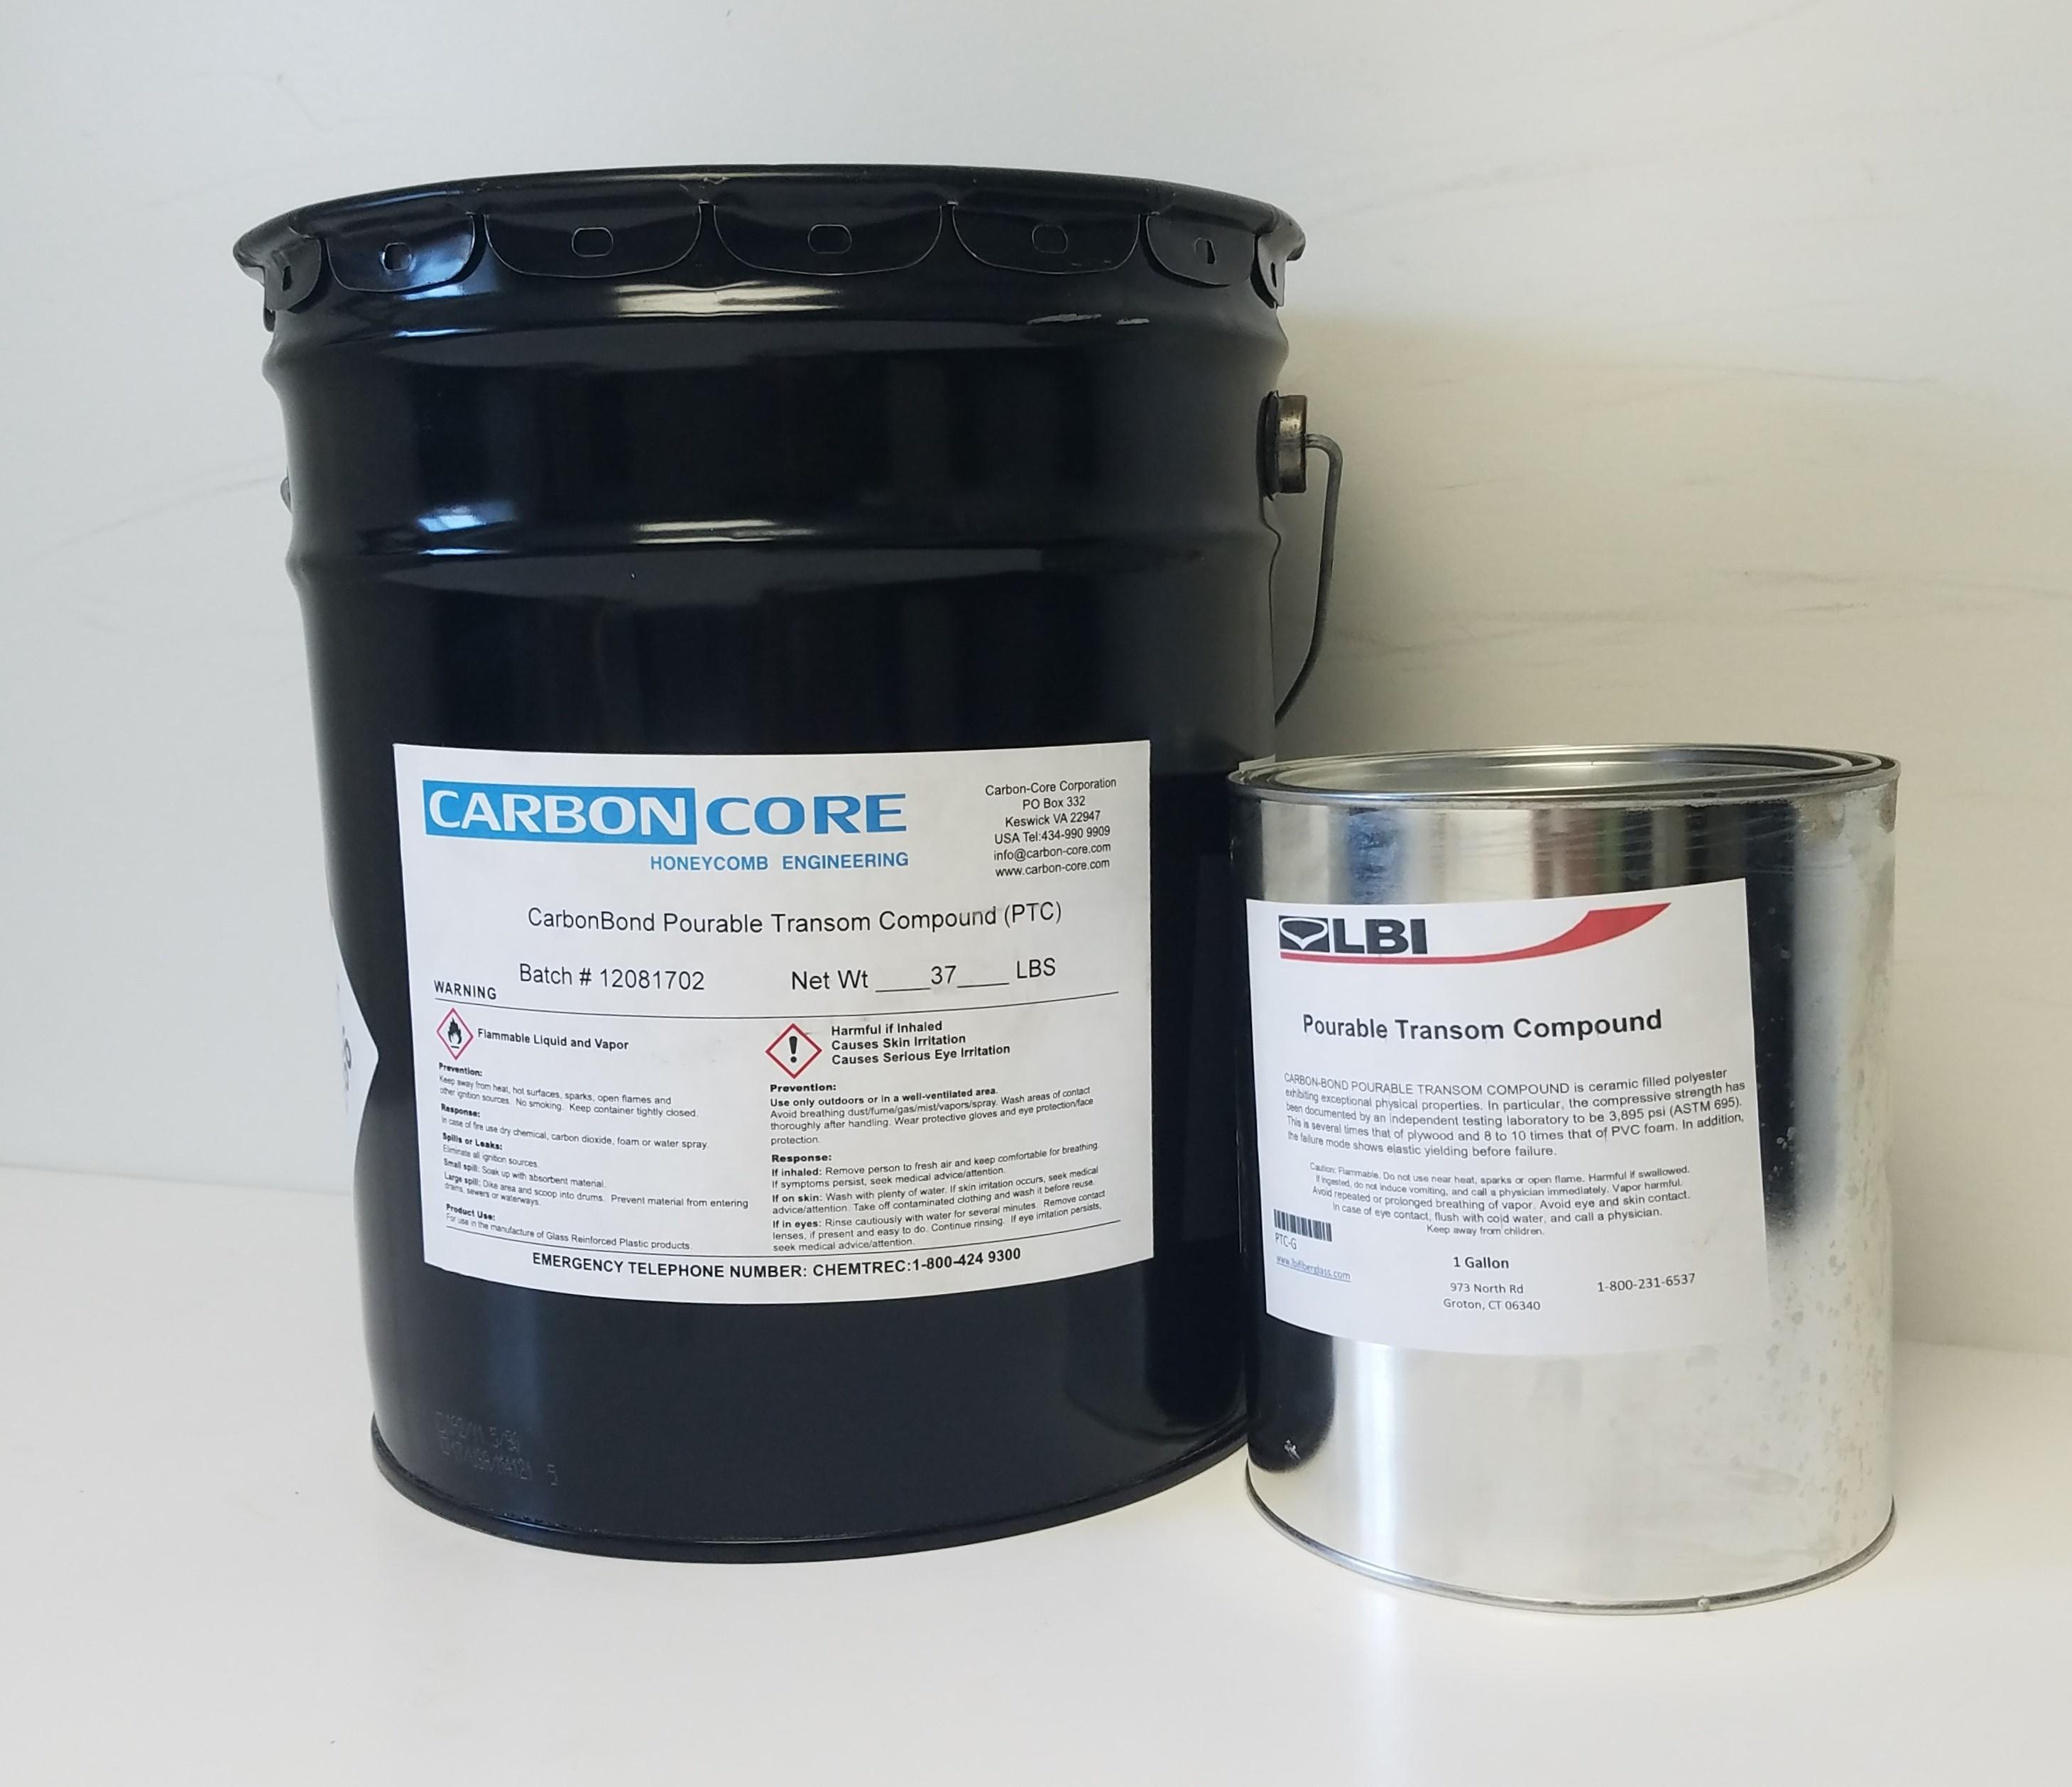 CarbonBond Pourable Transom Compound